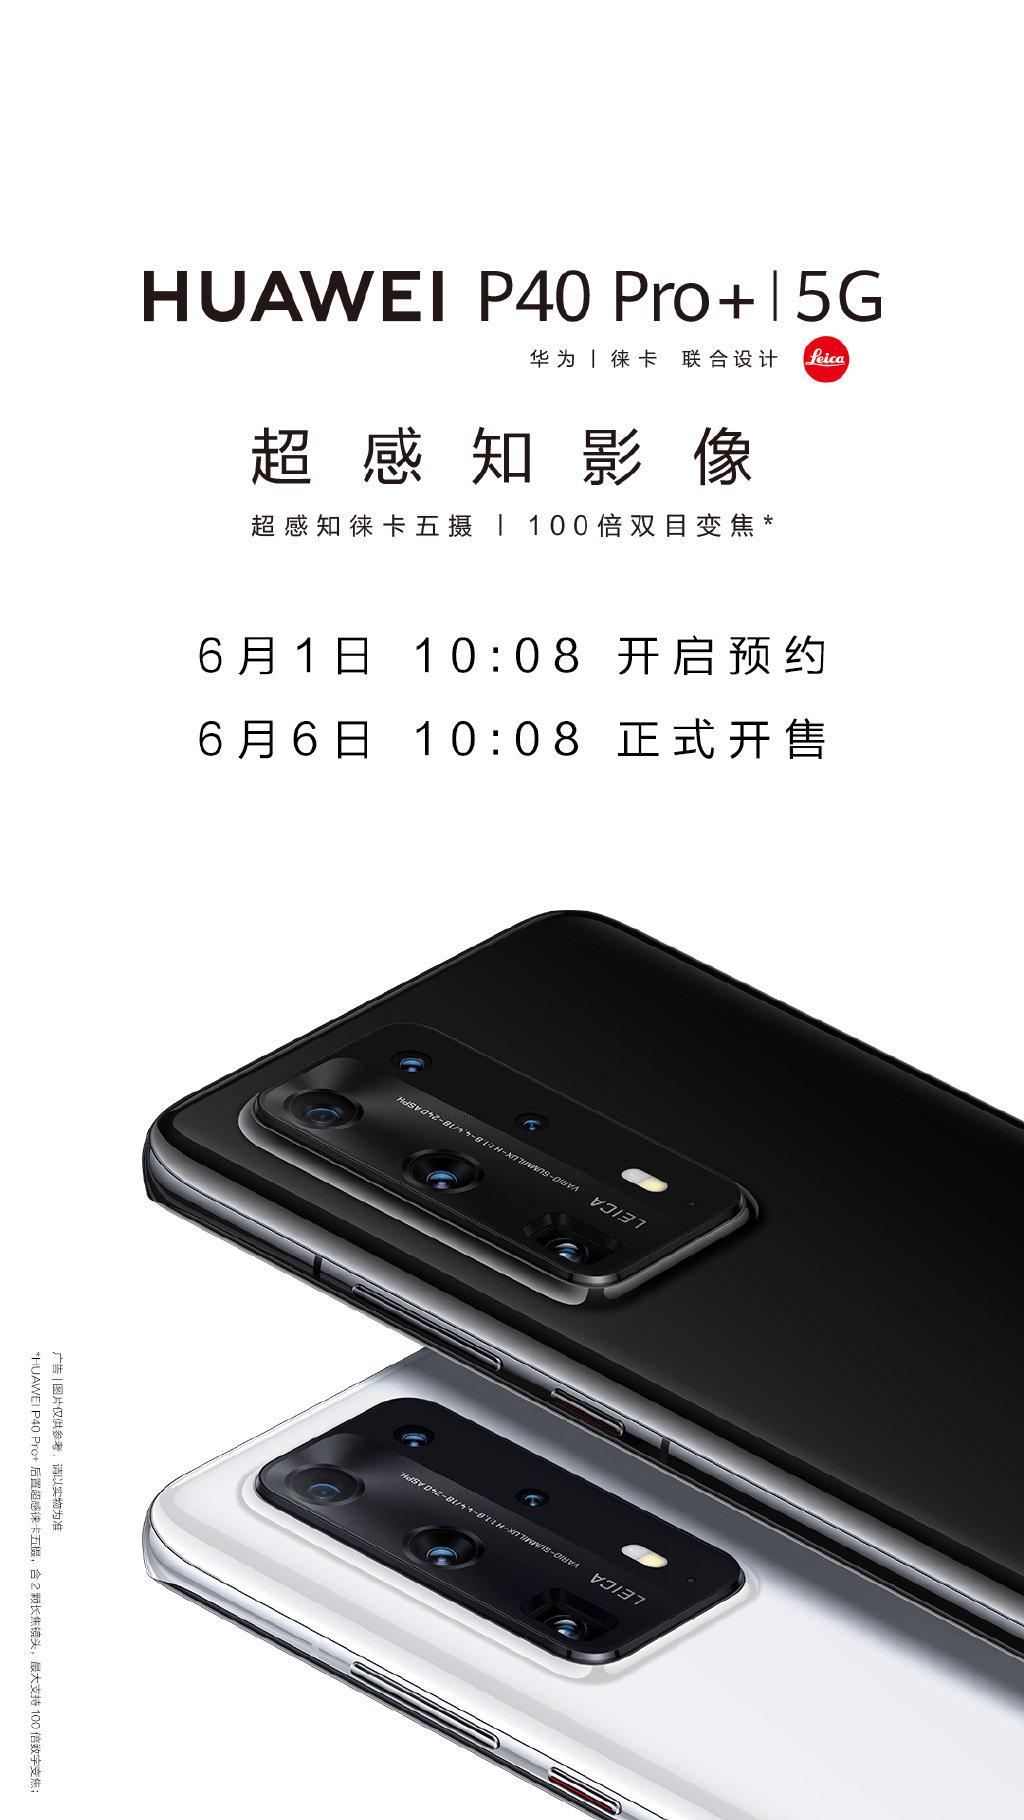 【力皮西】首发 100 倍双目变焦,华为 P40 Pro+ 开启预约